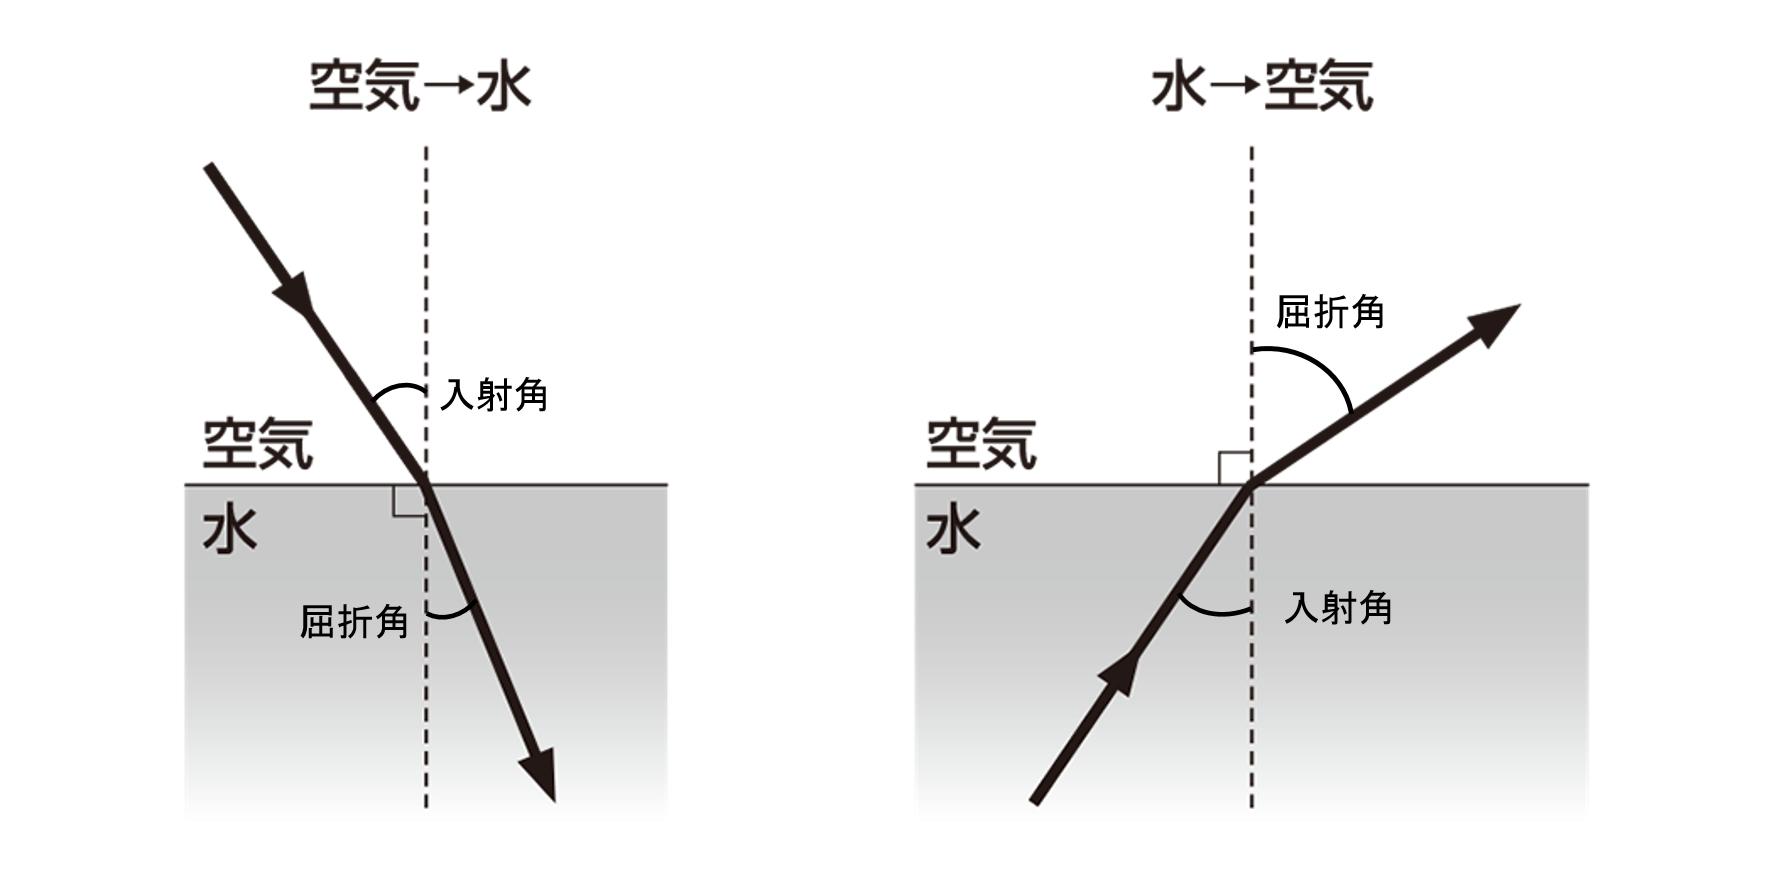 屈折 水 空気 屈折角 2種類